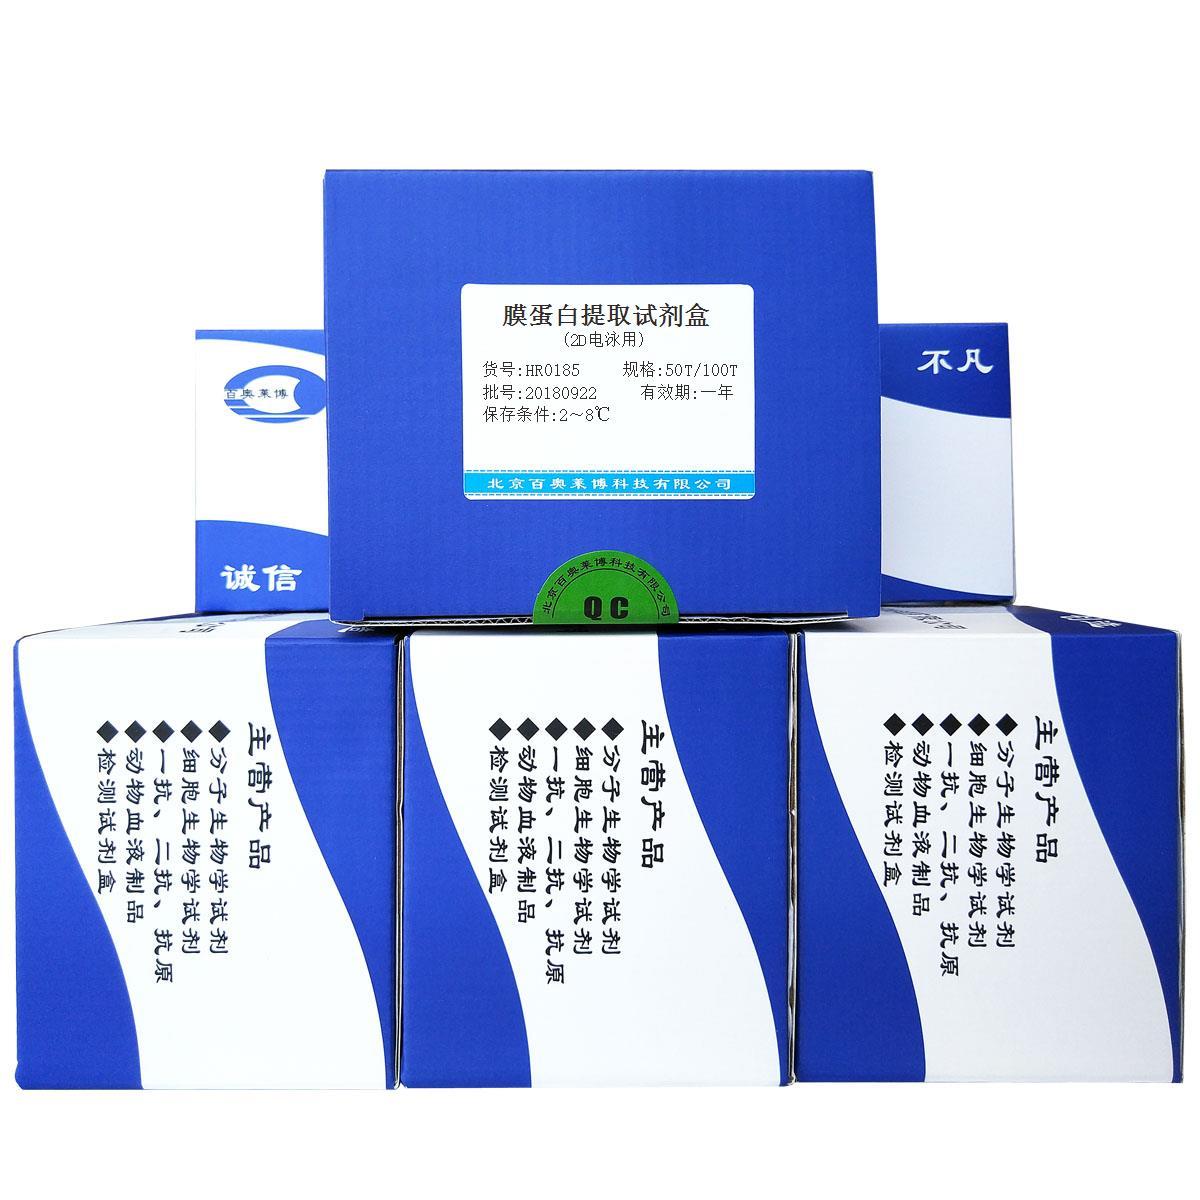 膜蛋白提取试剂盒(2D电泳用)